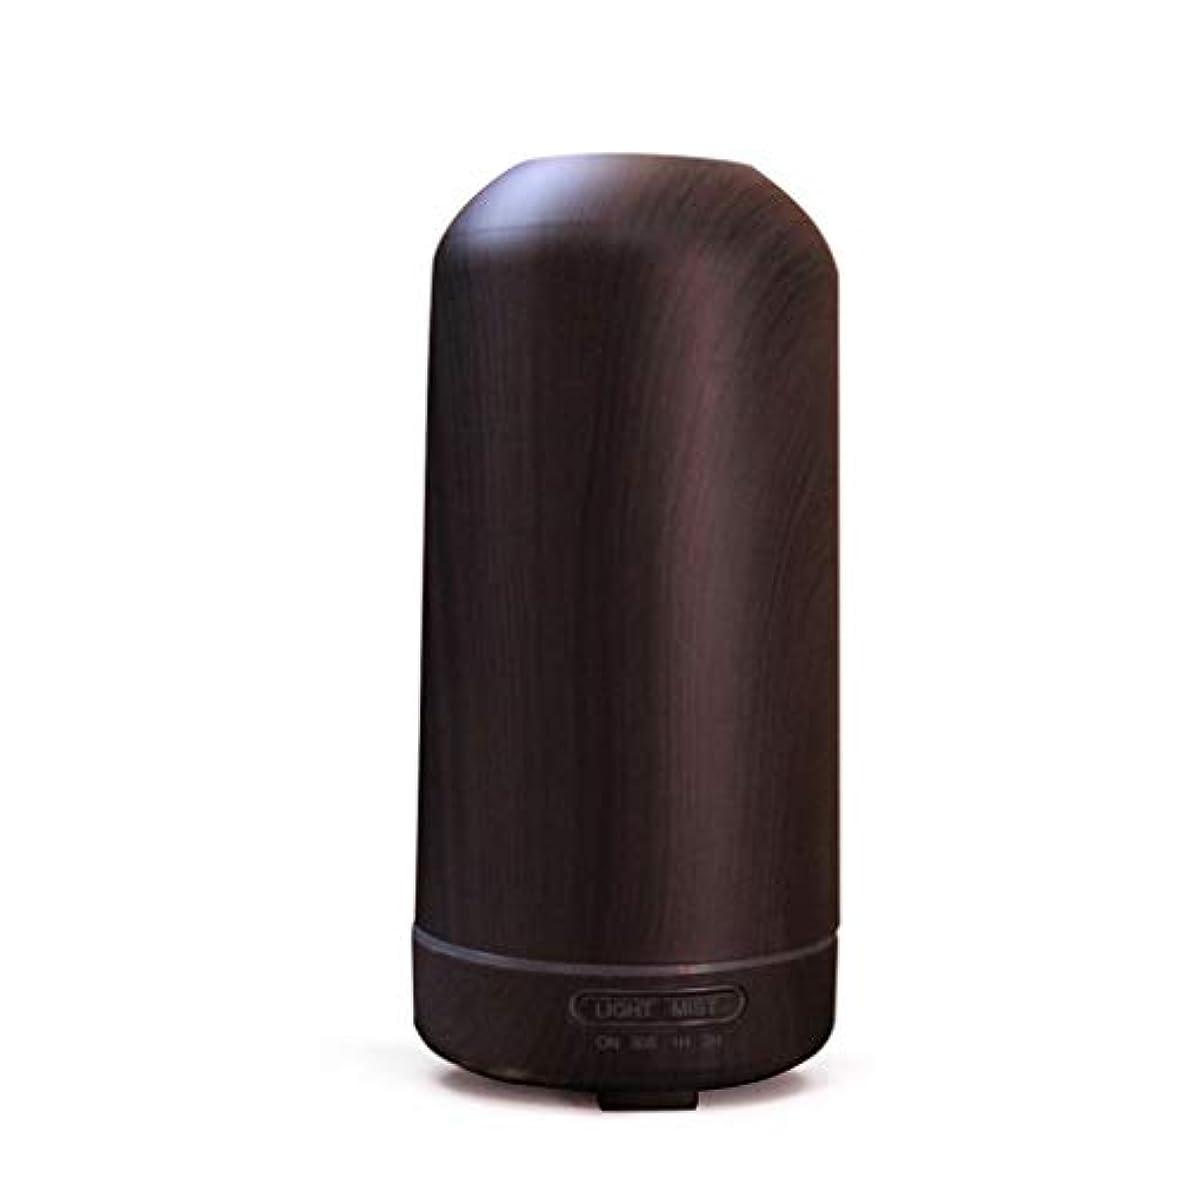 慎重に注文スロット100ミリリットル超音波クールミスト加湿器カラーLEDライト付きホームヨガオフィススパ寝室ベビールーム - ウッドグレインディフューザー (Color : Dark wood grain)